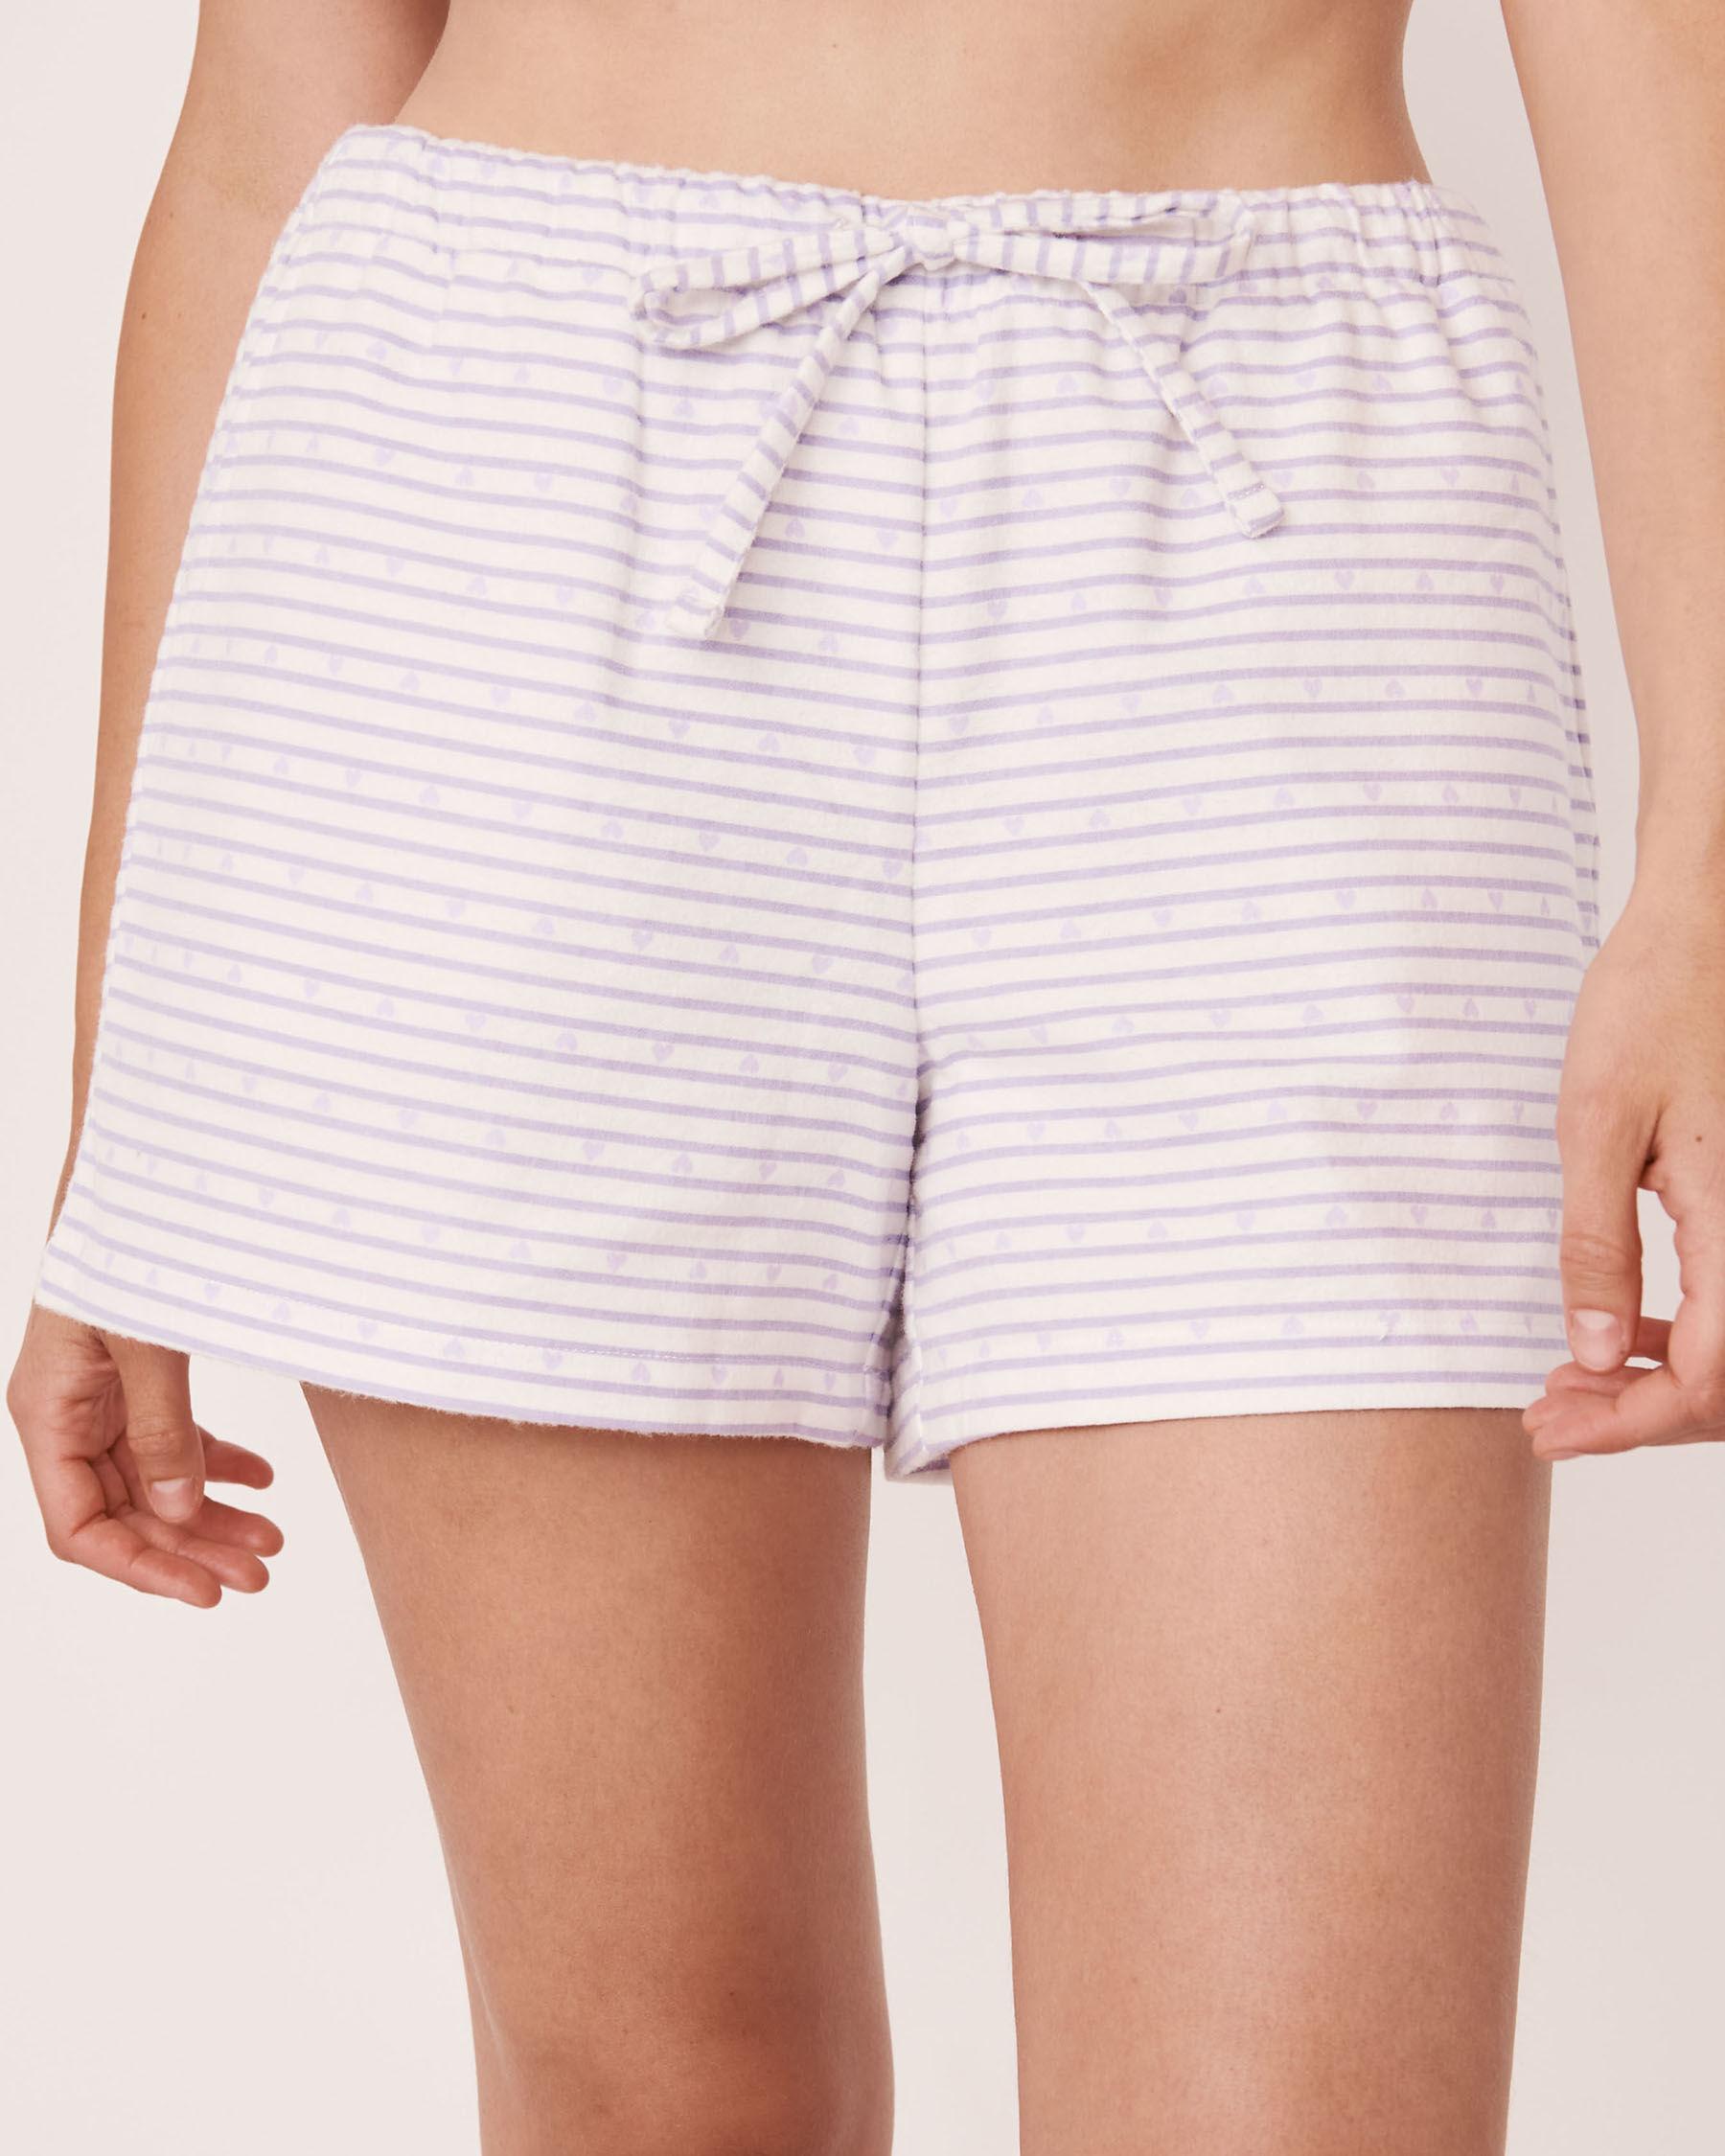 LA VIE EN ROSE Flannel Short PJ Set Stripes 40400011 - View4